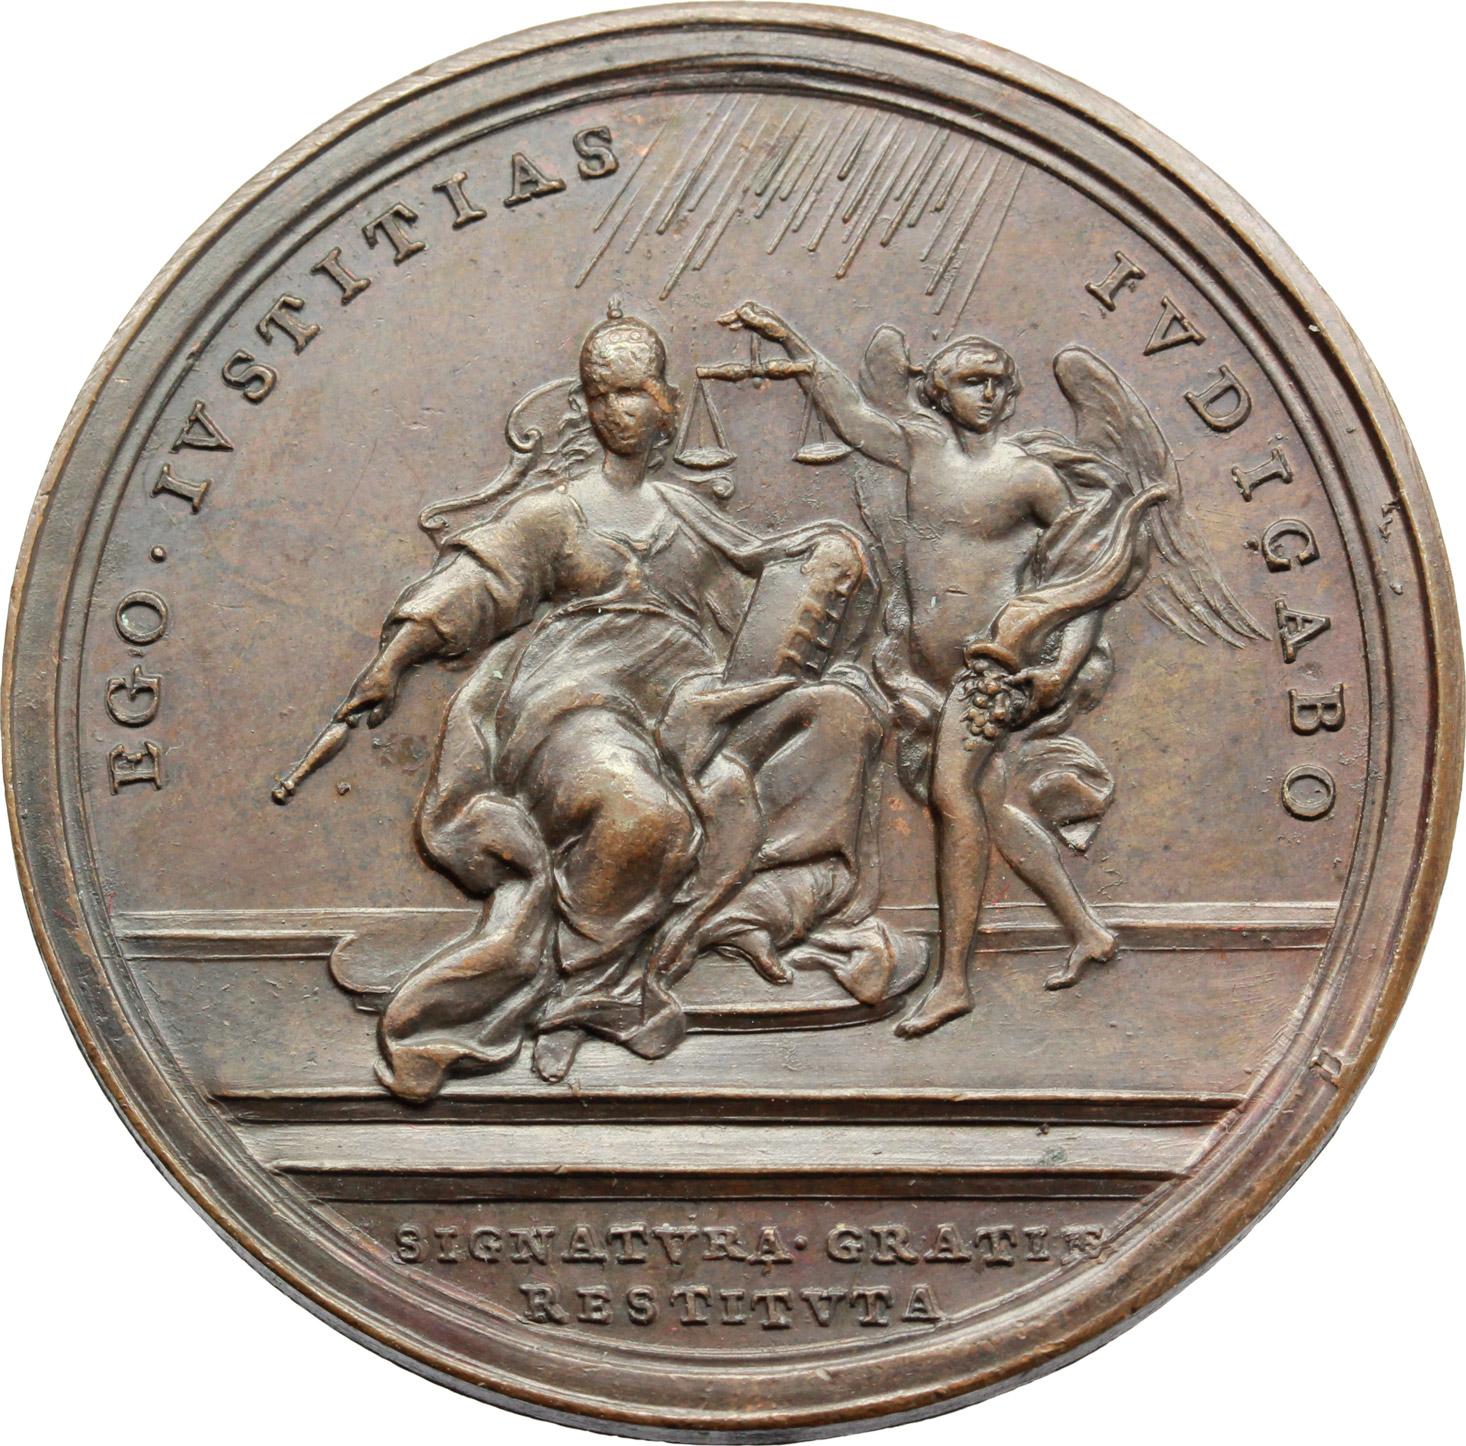 R/ Benedetto XIV (1740-1758), Prospero Lambertini. Medaglia A. XI.  D/ BENED XIV PONT MAX AN. XI. Busto a destra con camauro, mozzetta e stola. R/ EGO IVSTITIAS IVDICABO. La Sapienza pontificia; a fianco, angelo con bilancia. In esergo, SEGNATVRA GRATIAE RESTITVTA. Patr. 63. AE.   mm. 40.00 Inc. O. Hamerani.   qSPL.